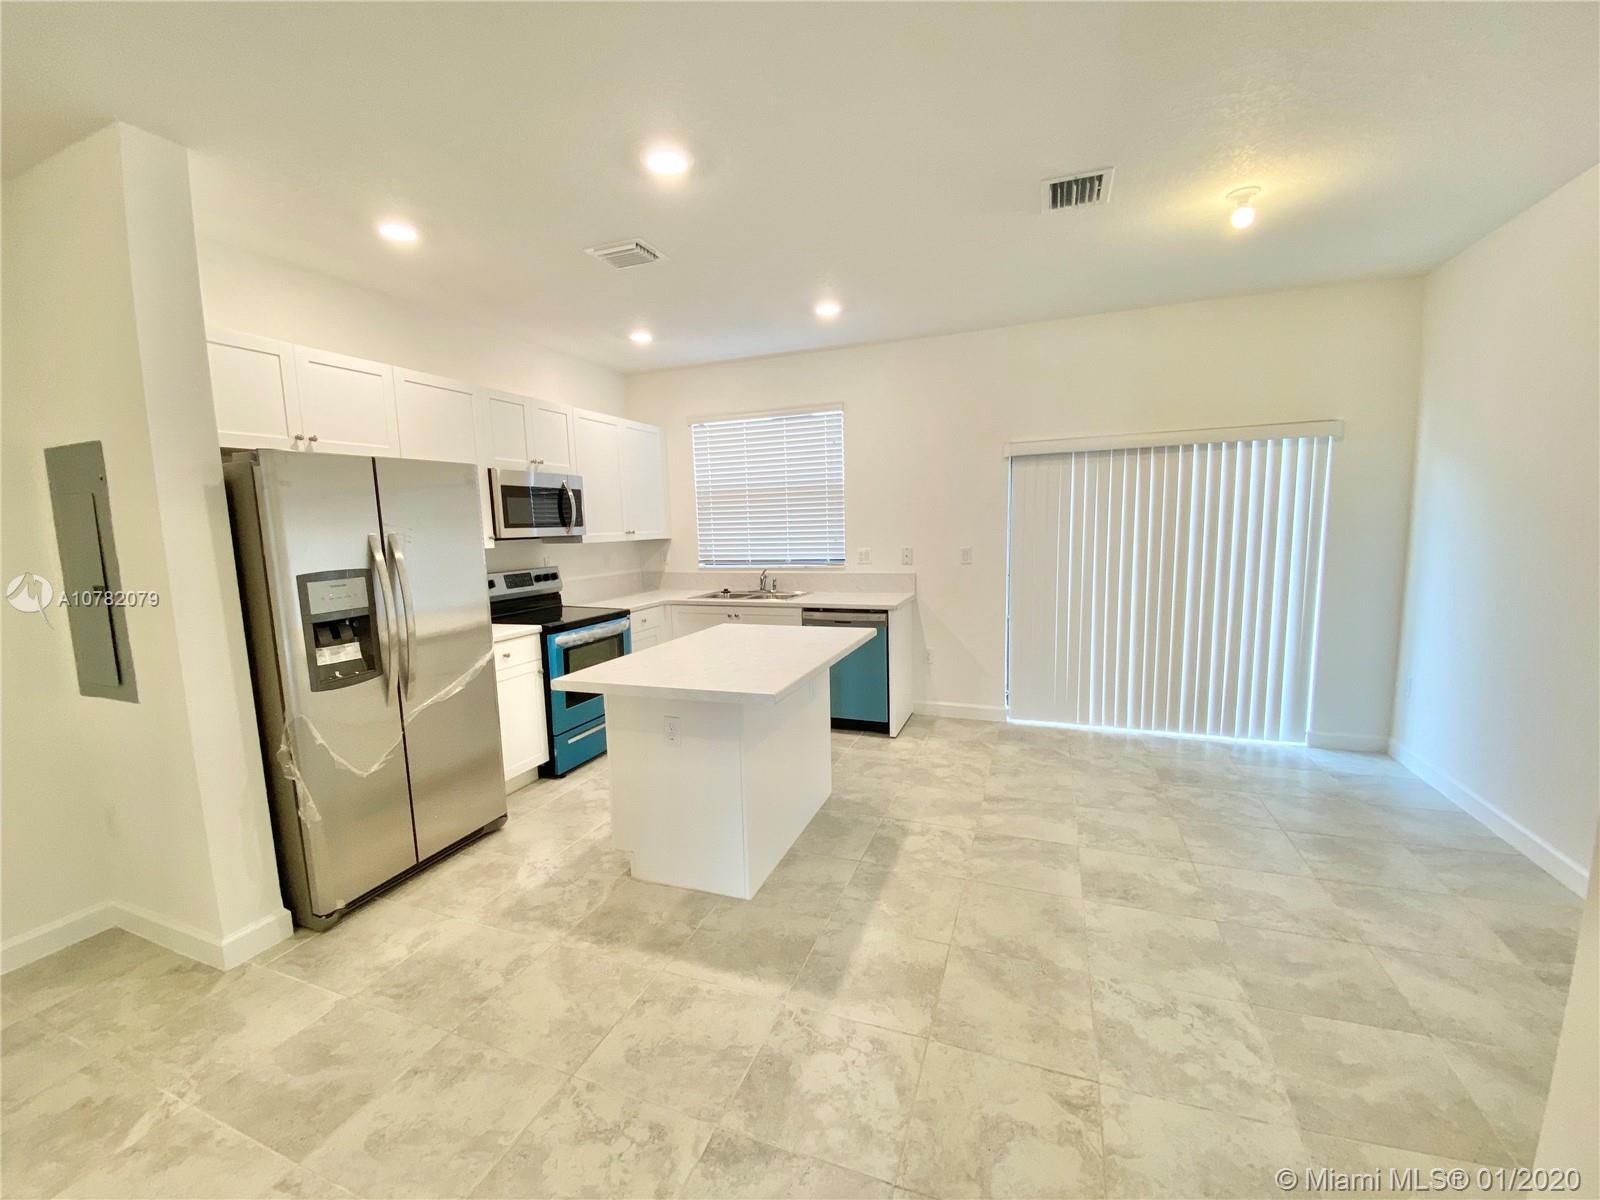 24920 SW 112nd Court #24920, Miami, FL 33032 - Miami, FL real estate listing